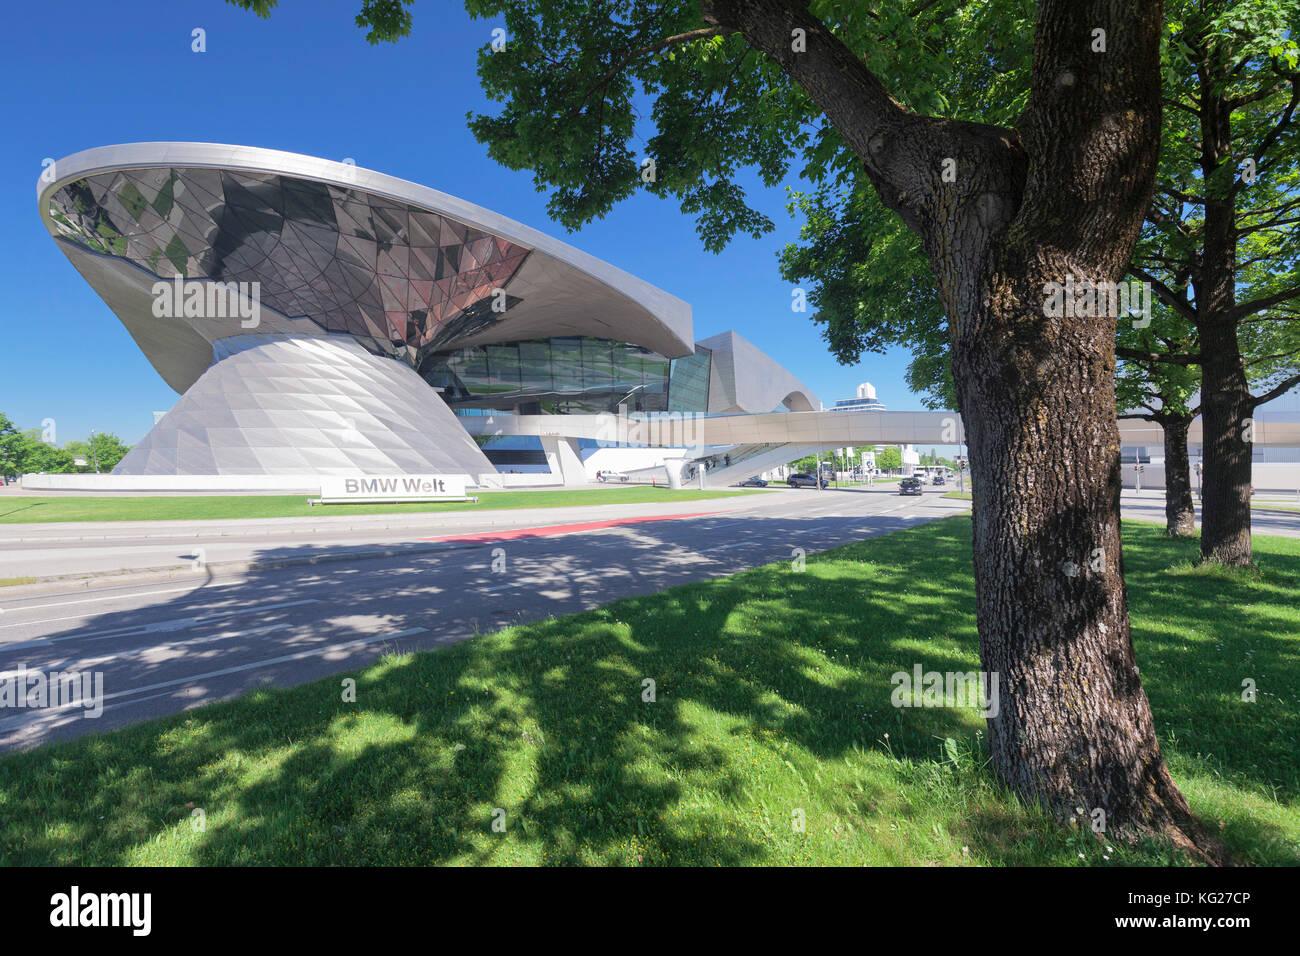 BMW Welt, Olympiazentrum, Mittleren Ring, Munich, Bavaria, Germany, Europe - Stock Image